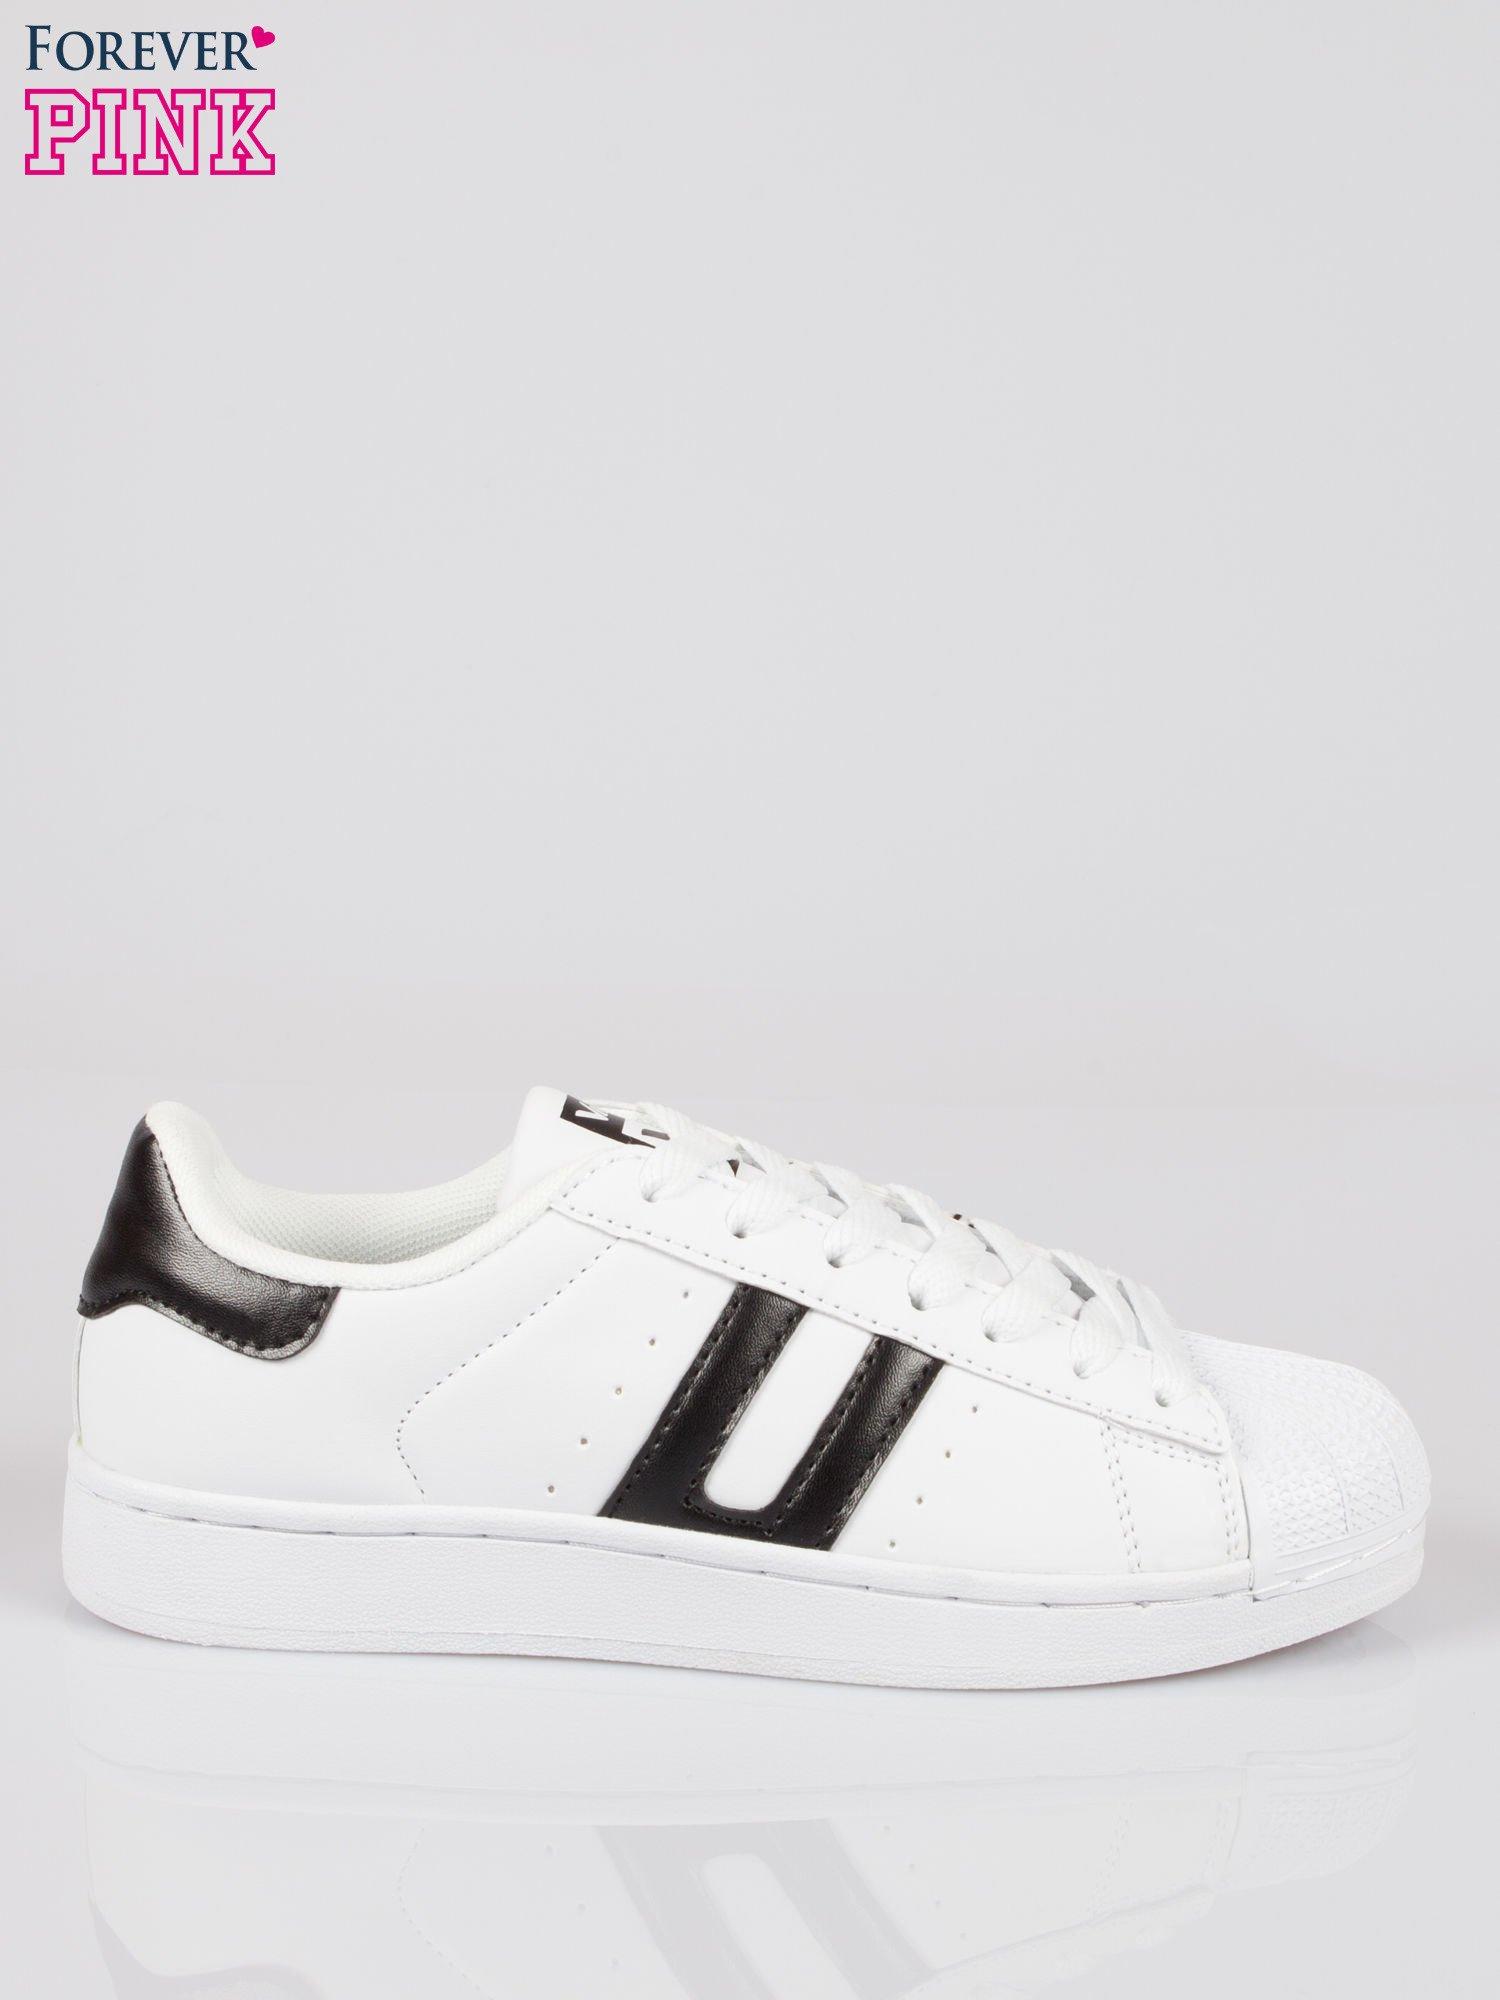 Białe adidasy damskie z czarną wstawką                                  zdj.                                  1